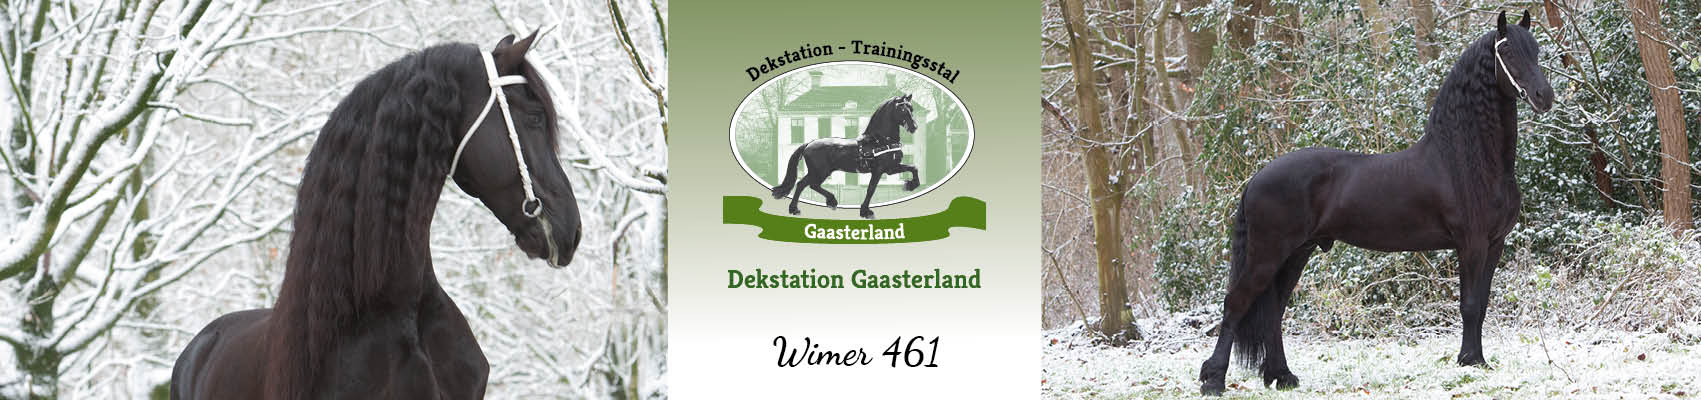 17.079_ Dekstationgaasterland_header-wimer